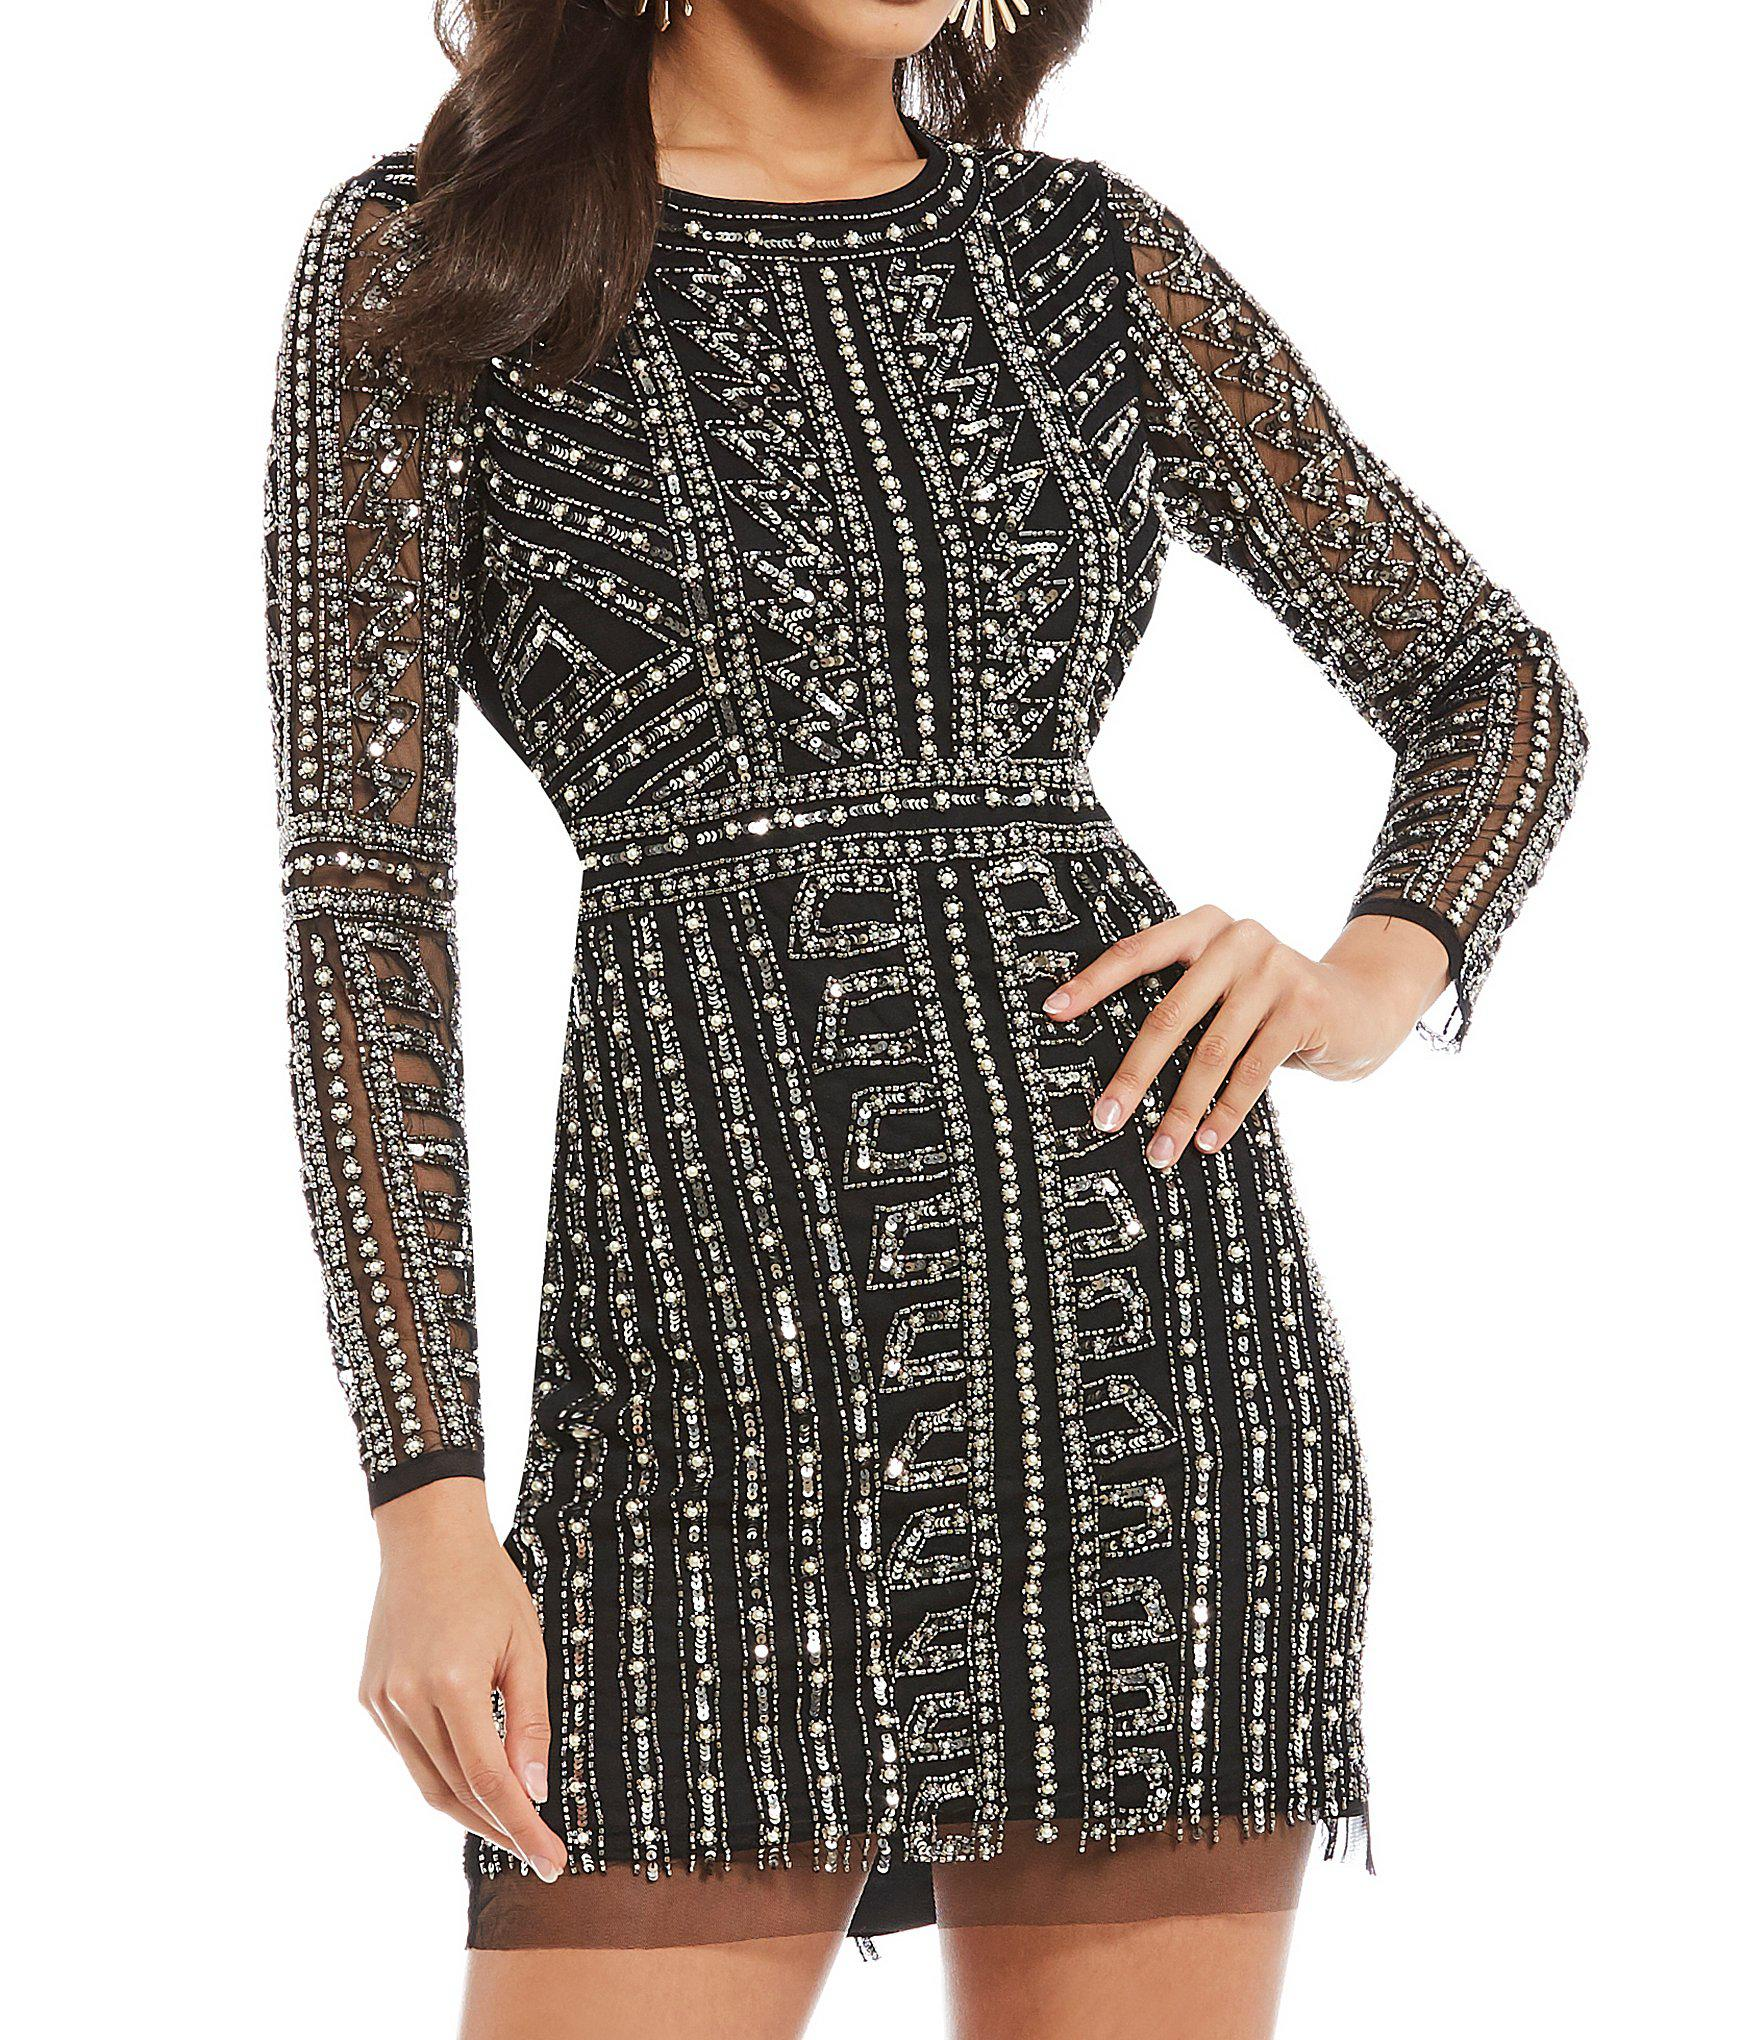 3049d1c0a6 Gianni Bini Dani Pearl Beaded Illusion Sleeve Mini Dress in Black - Lyst